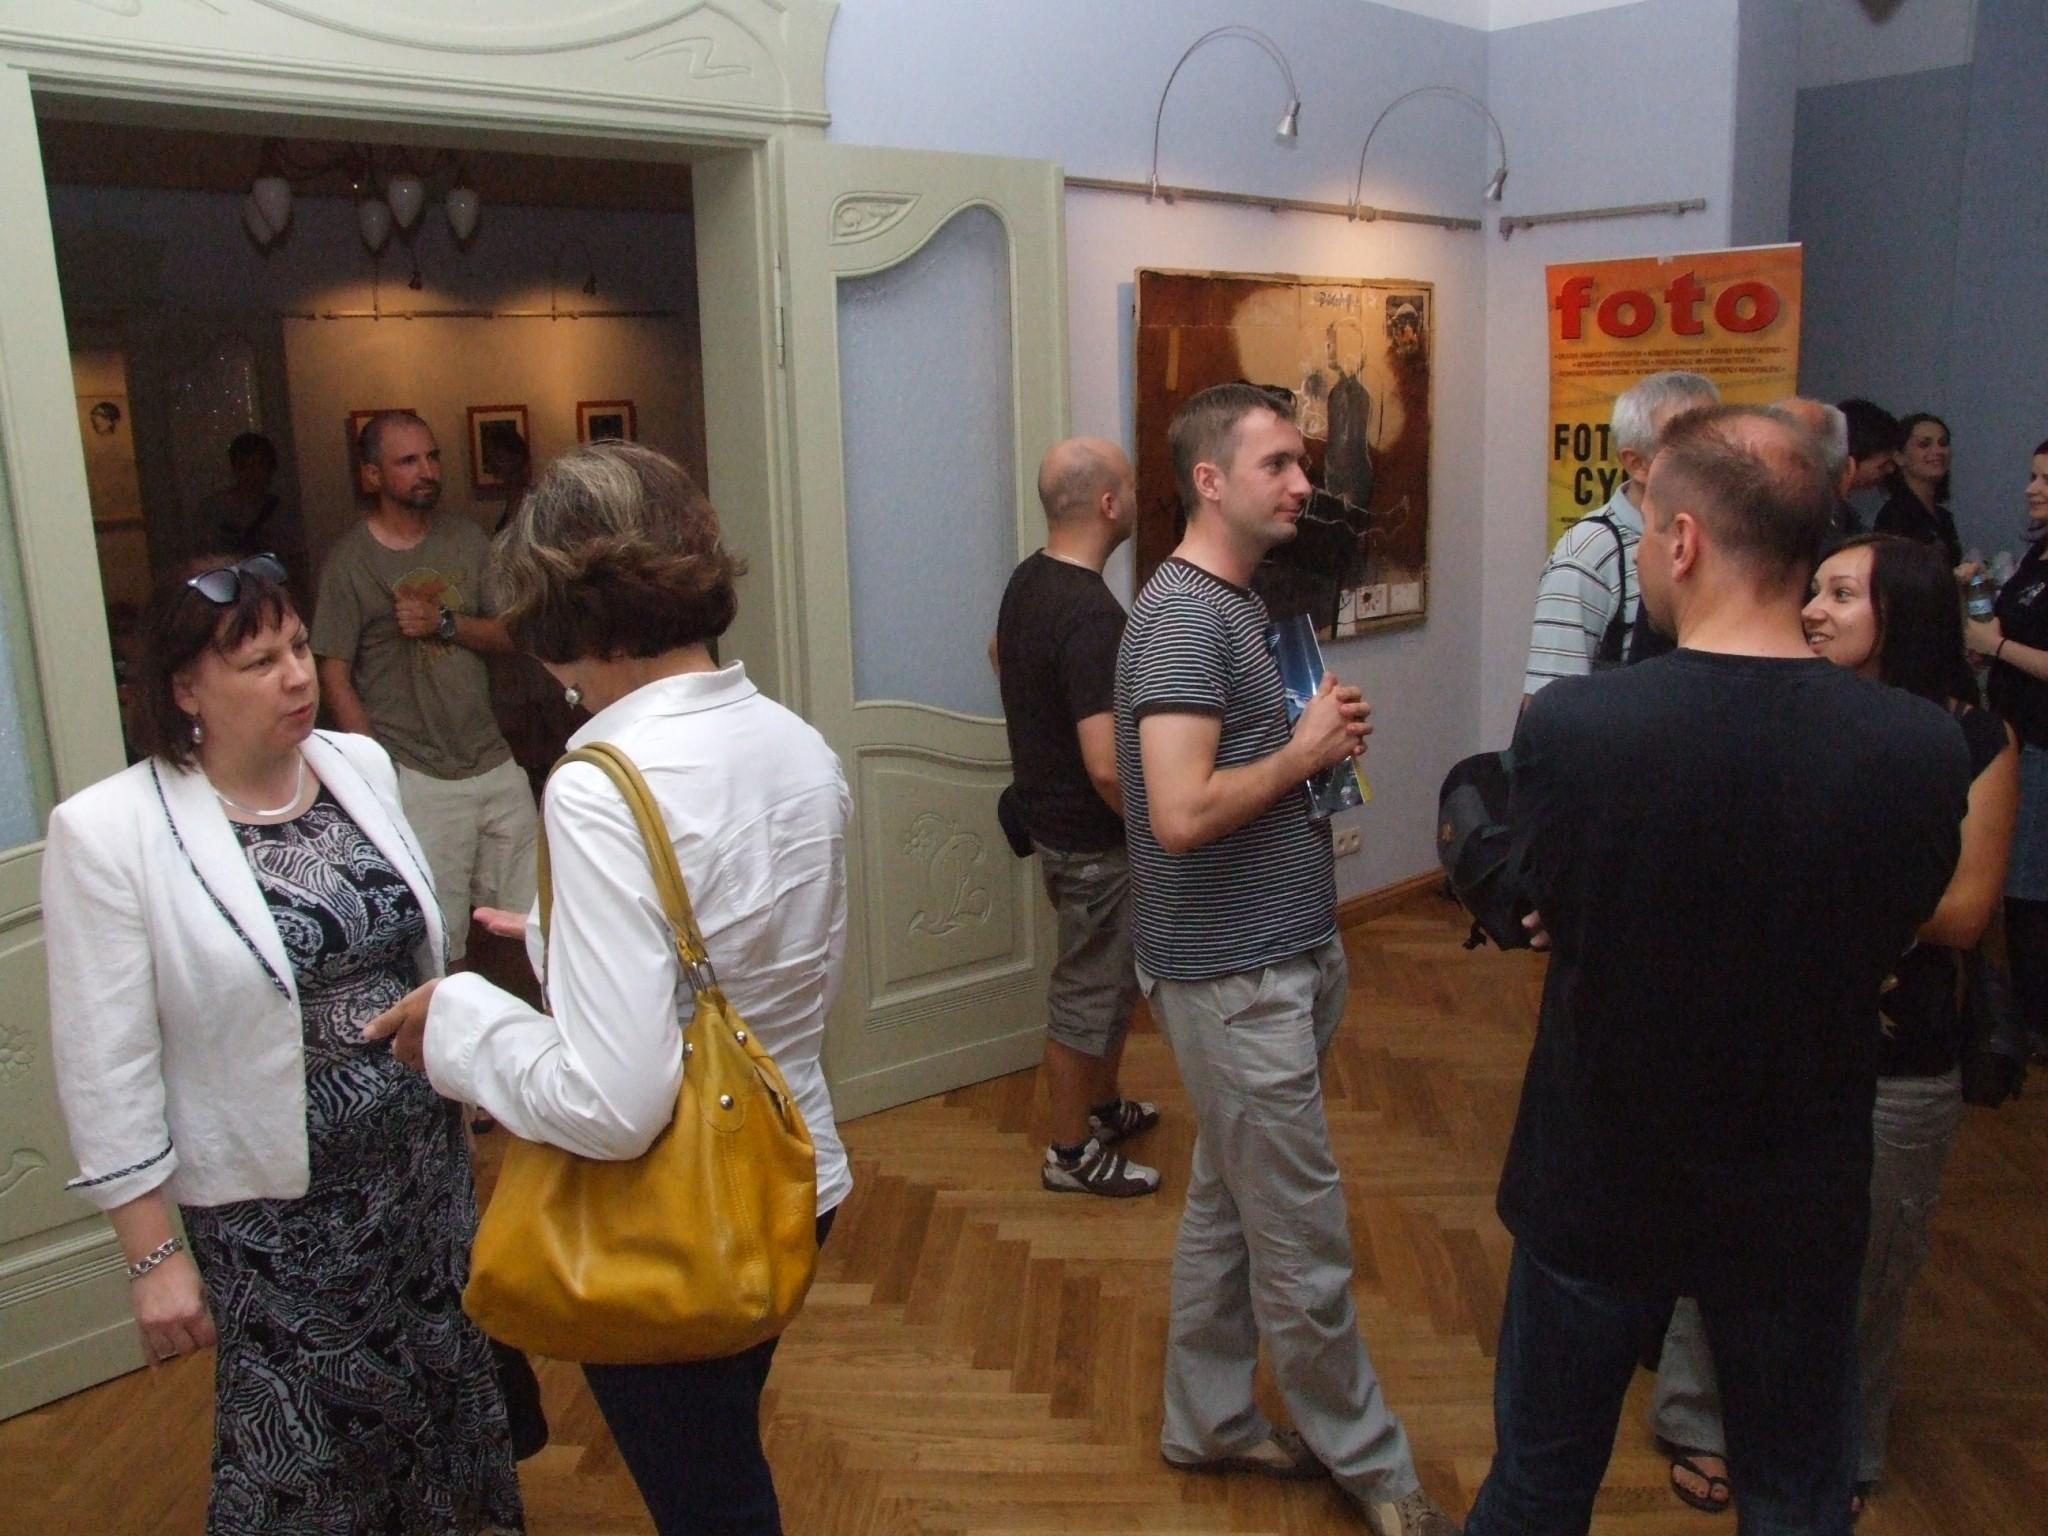 Fotomotif Festival wystawa